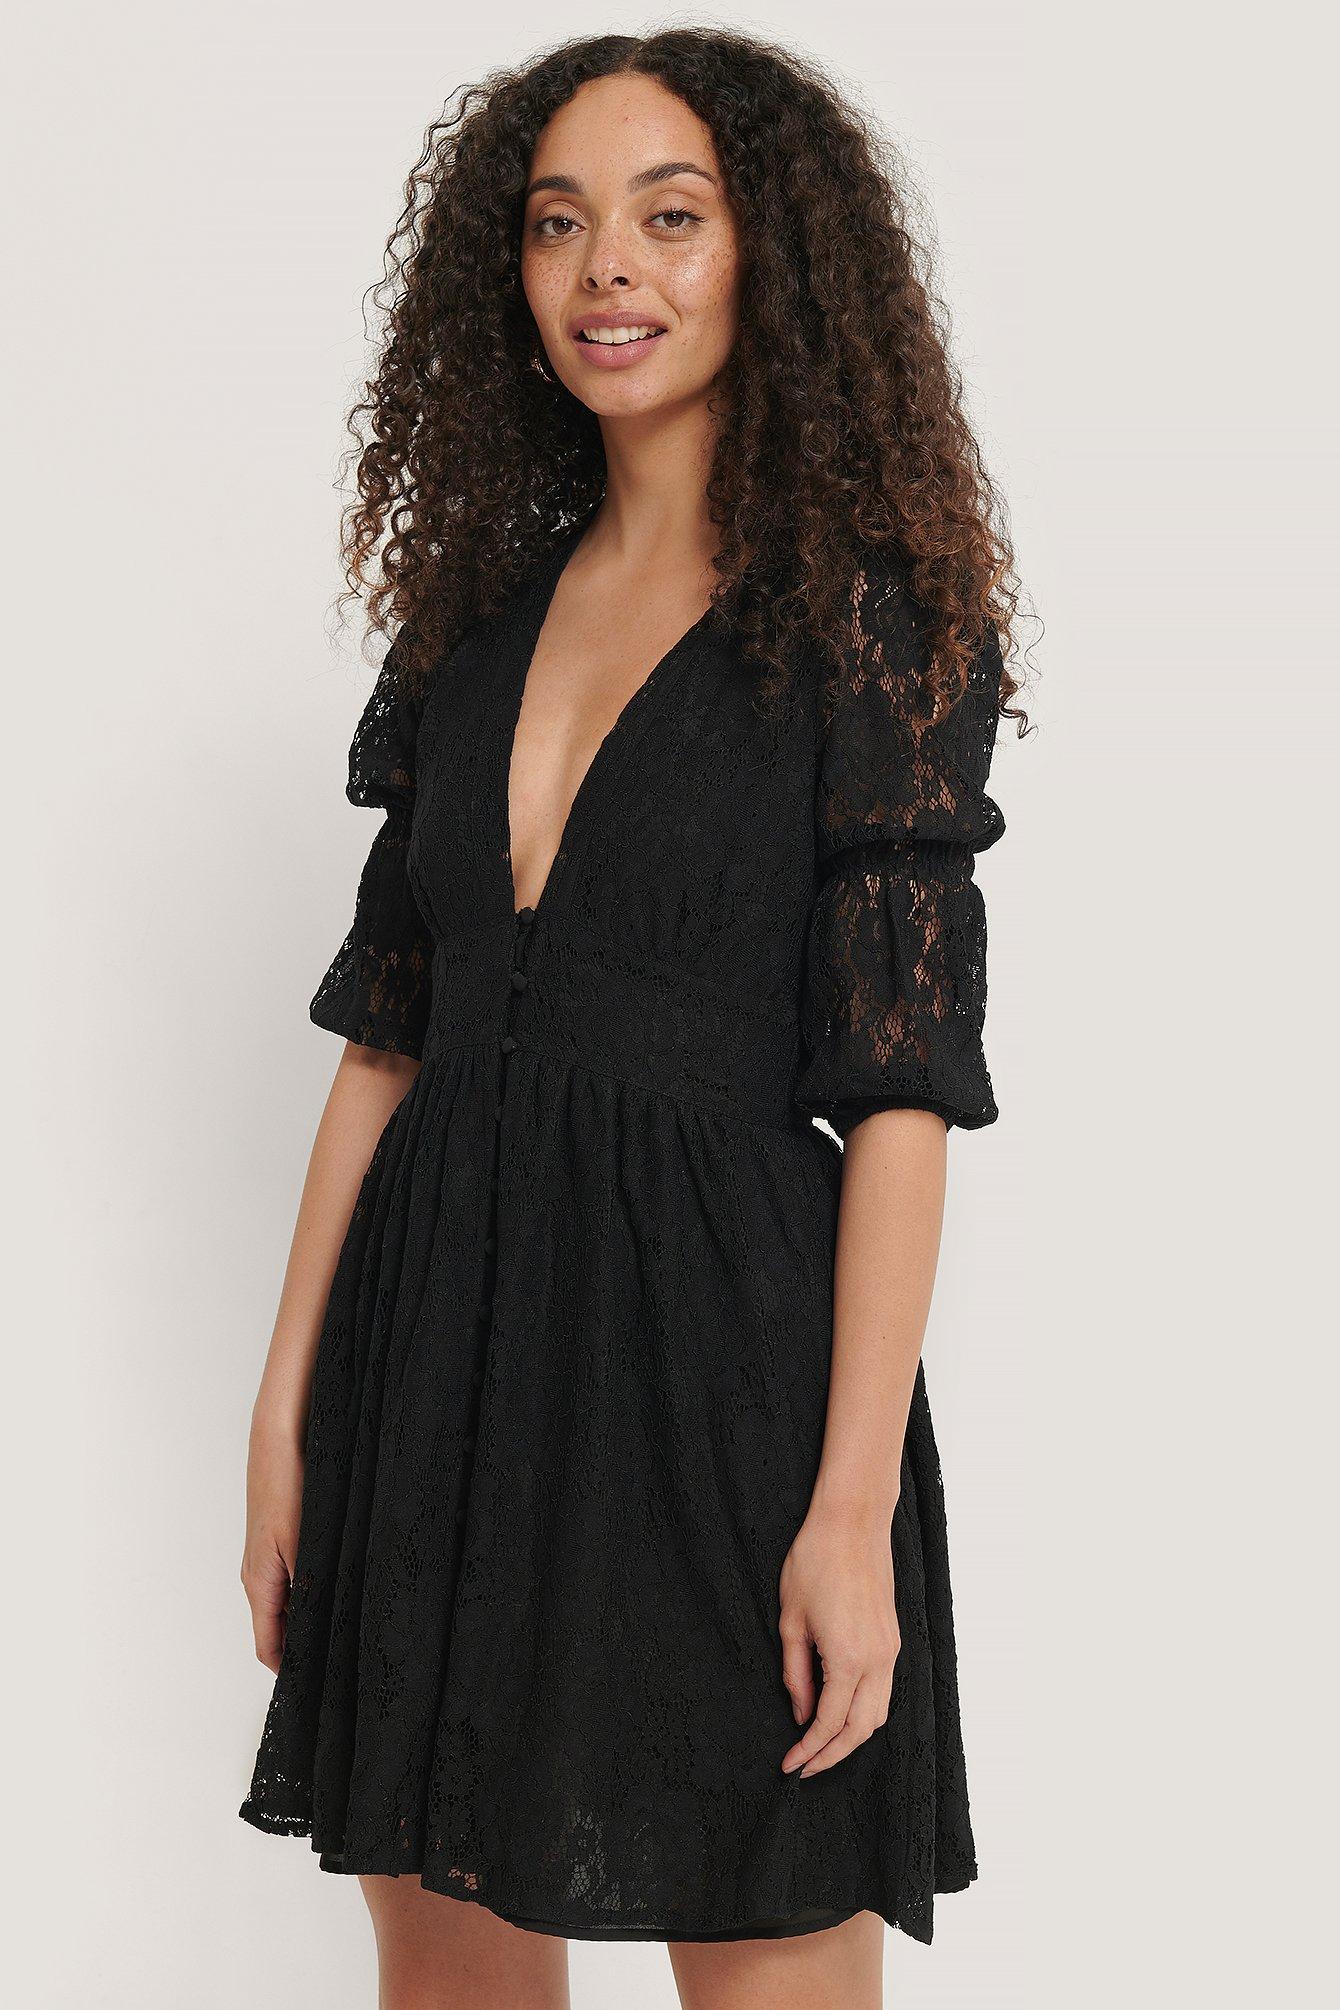 NA-KD Boho V-shape Flowy Puff Sleeve Lace Dress - Black